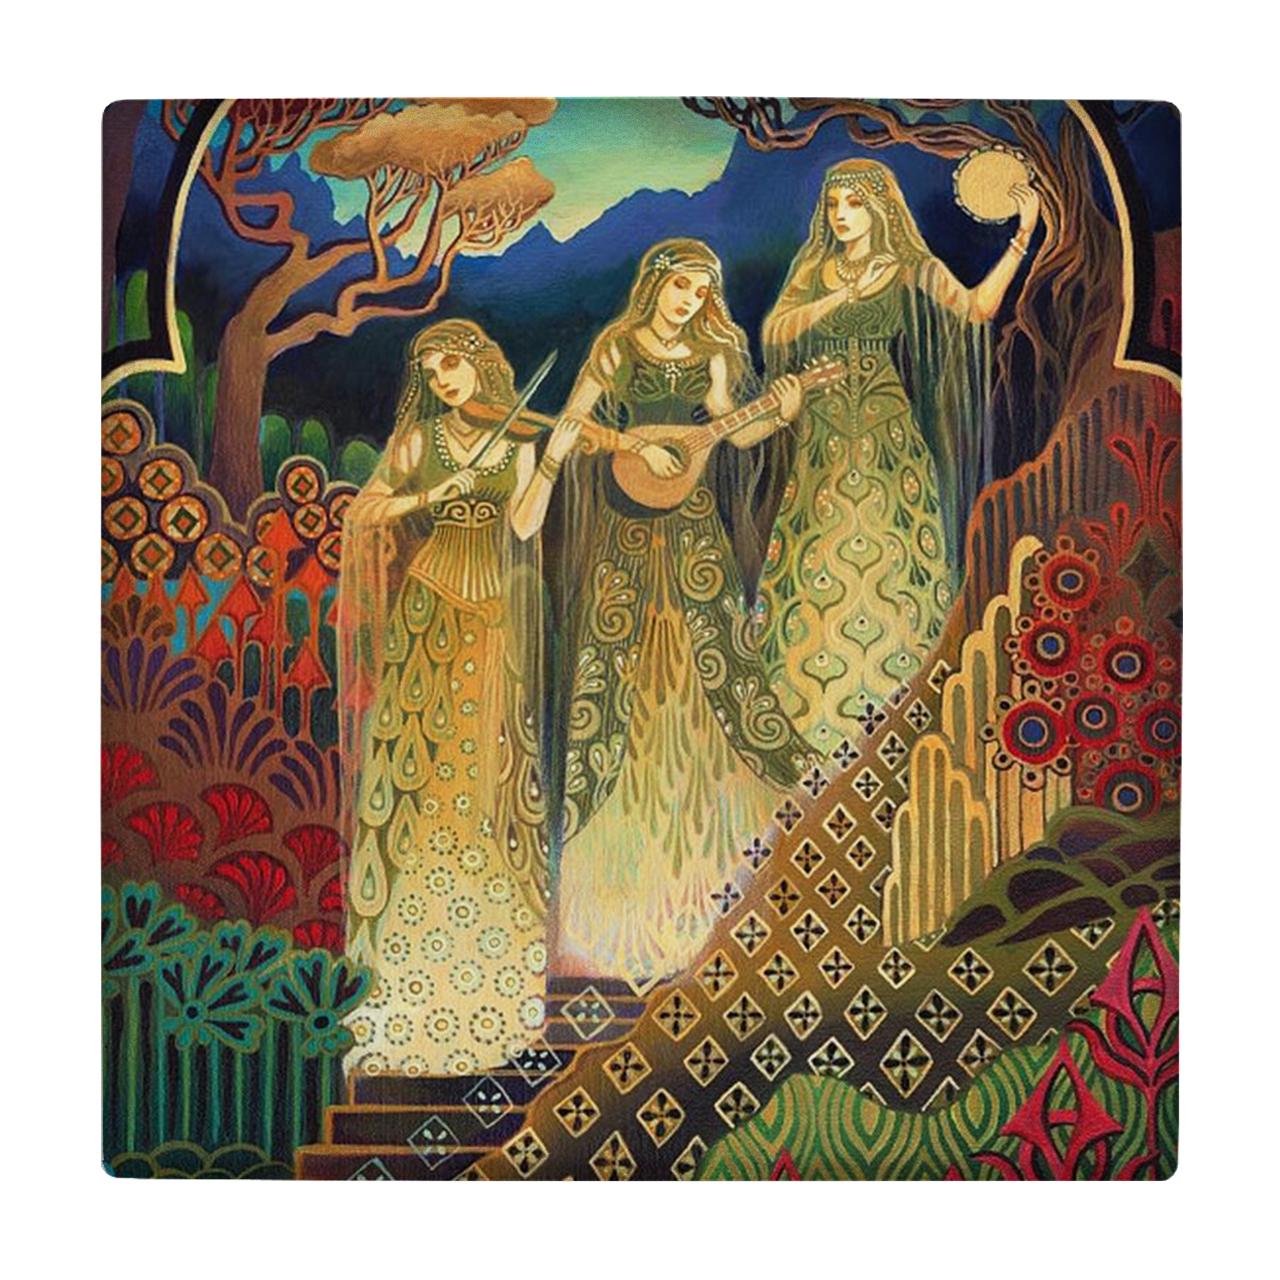 خرید                      کاشی طرح سه بانوی نوازنده کد wk179